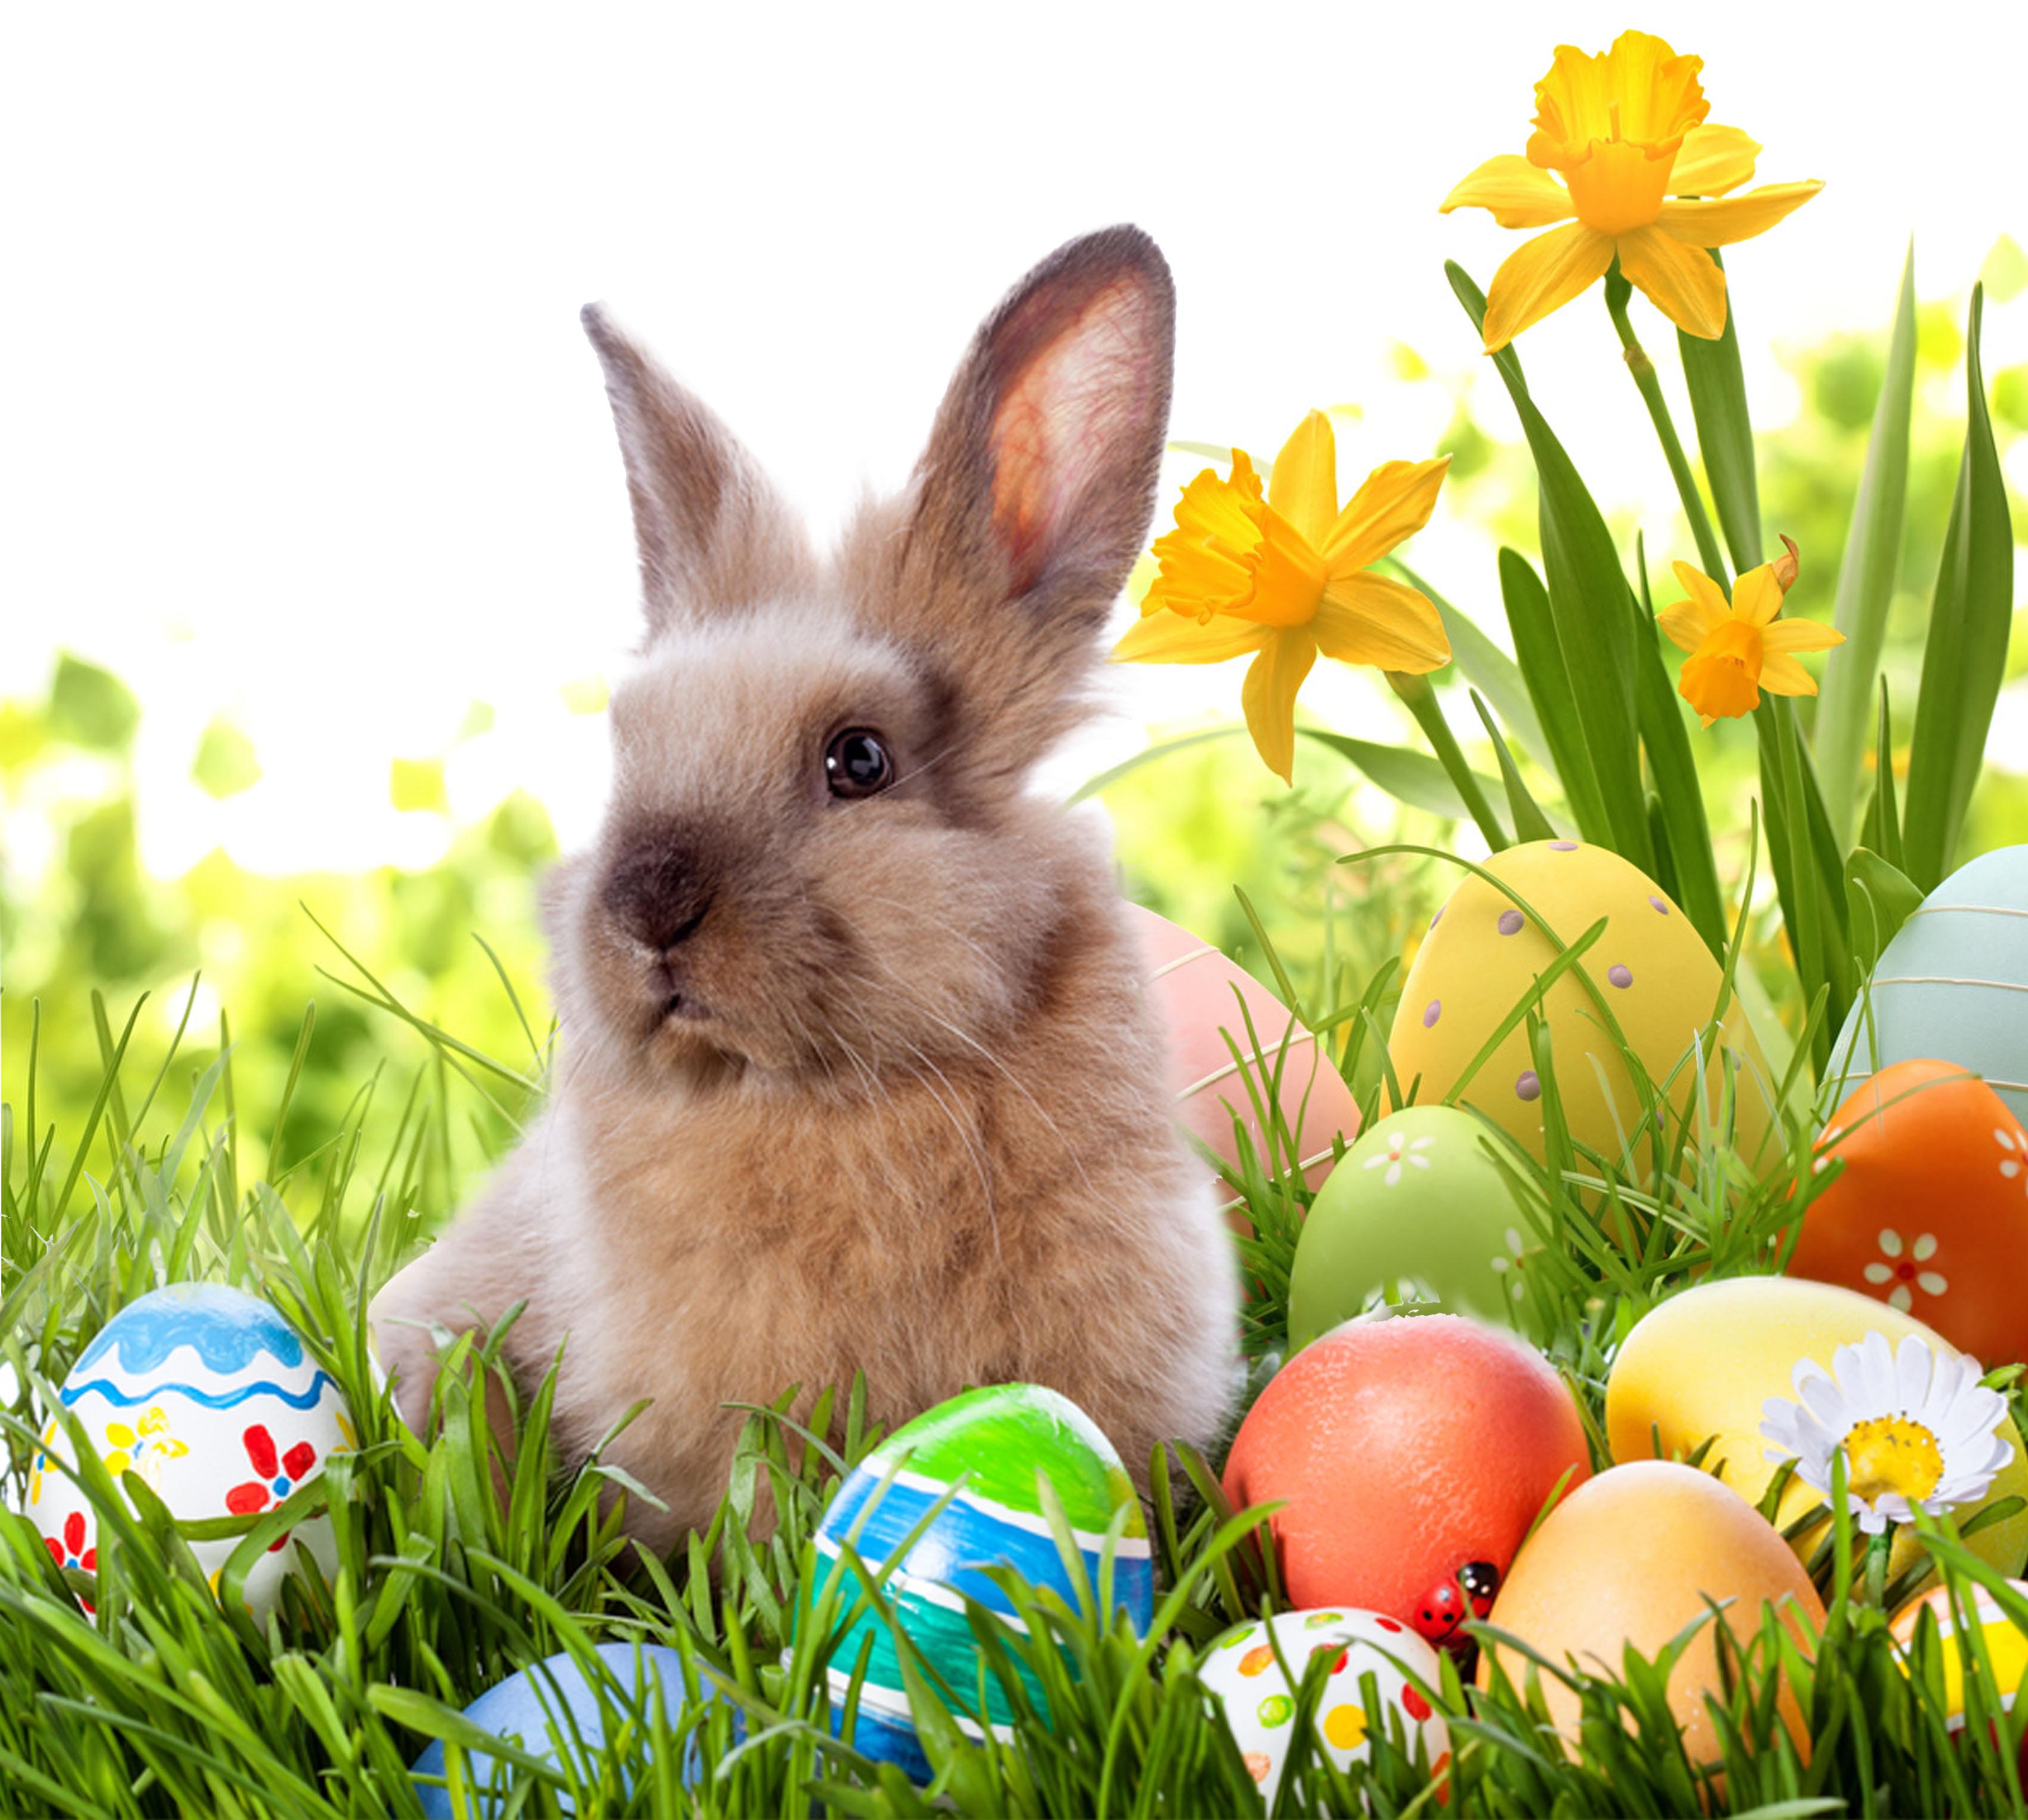 Idée déco pour Pâques à l'extérieur - lapin et oeufs